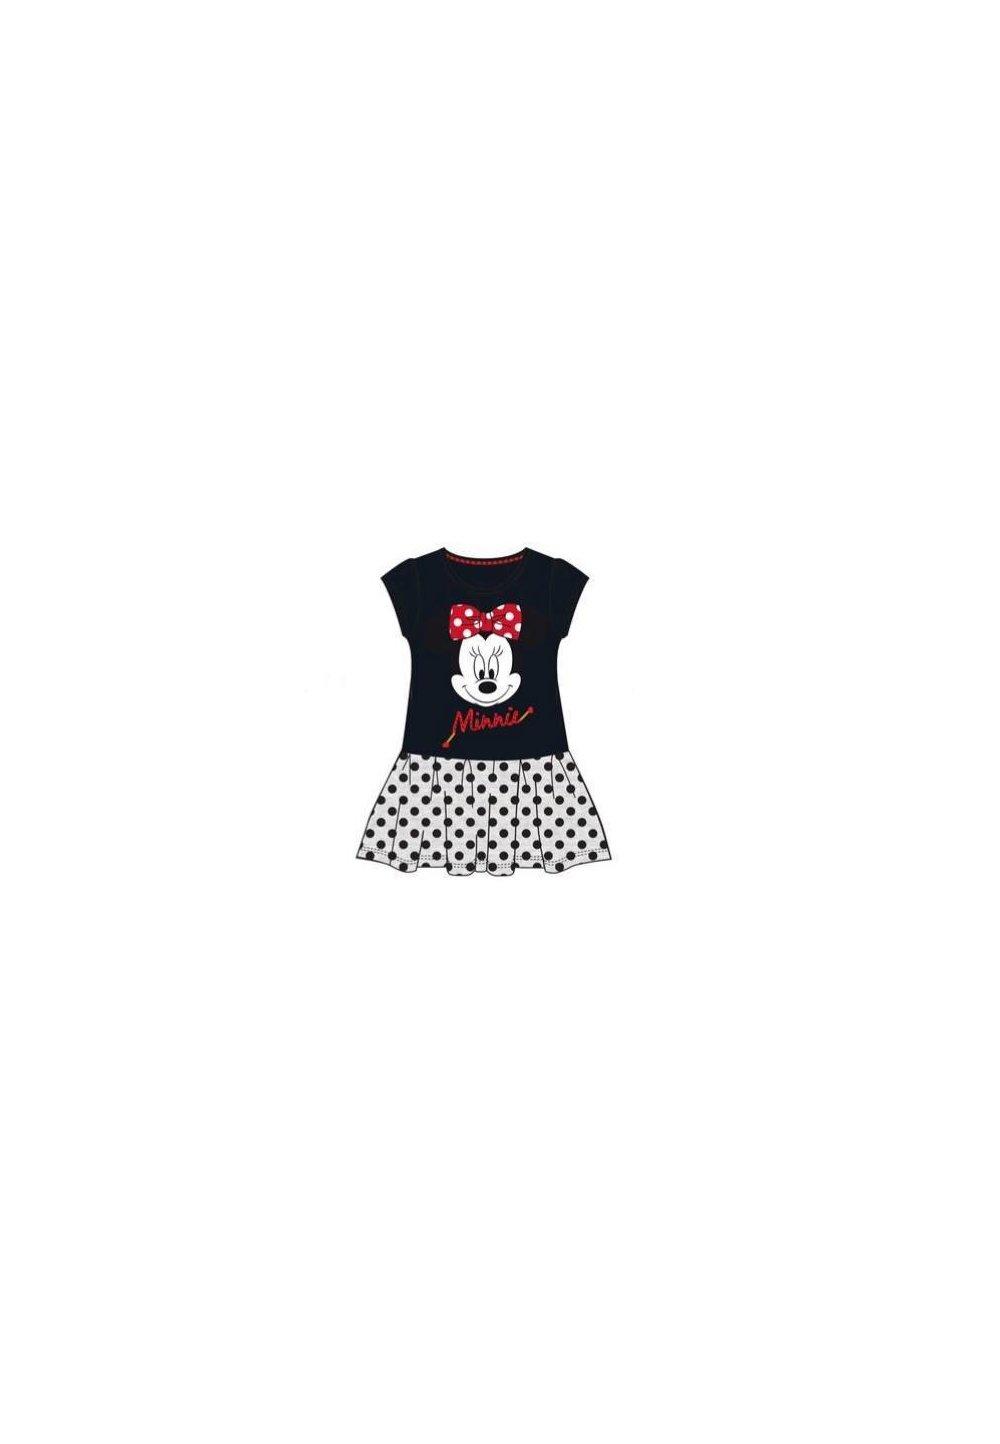 Rochie neagra cu buline, Minnie Mouse imagine